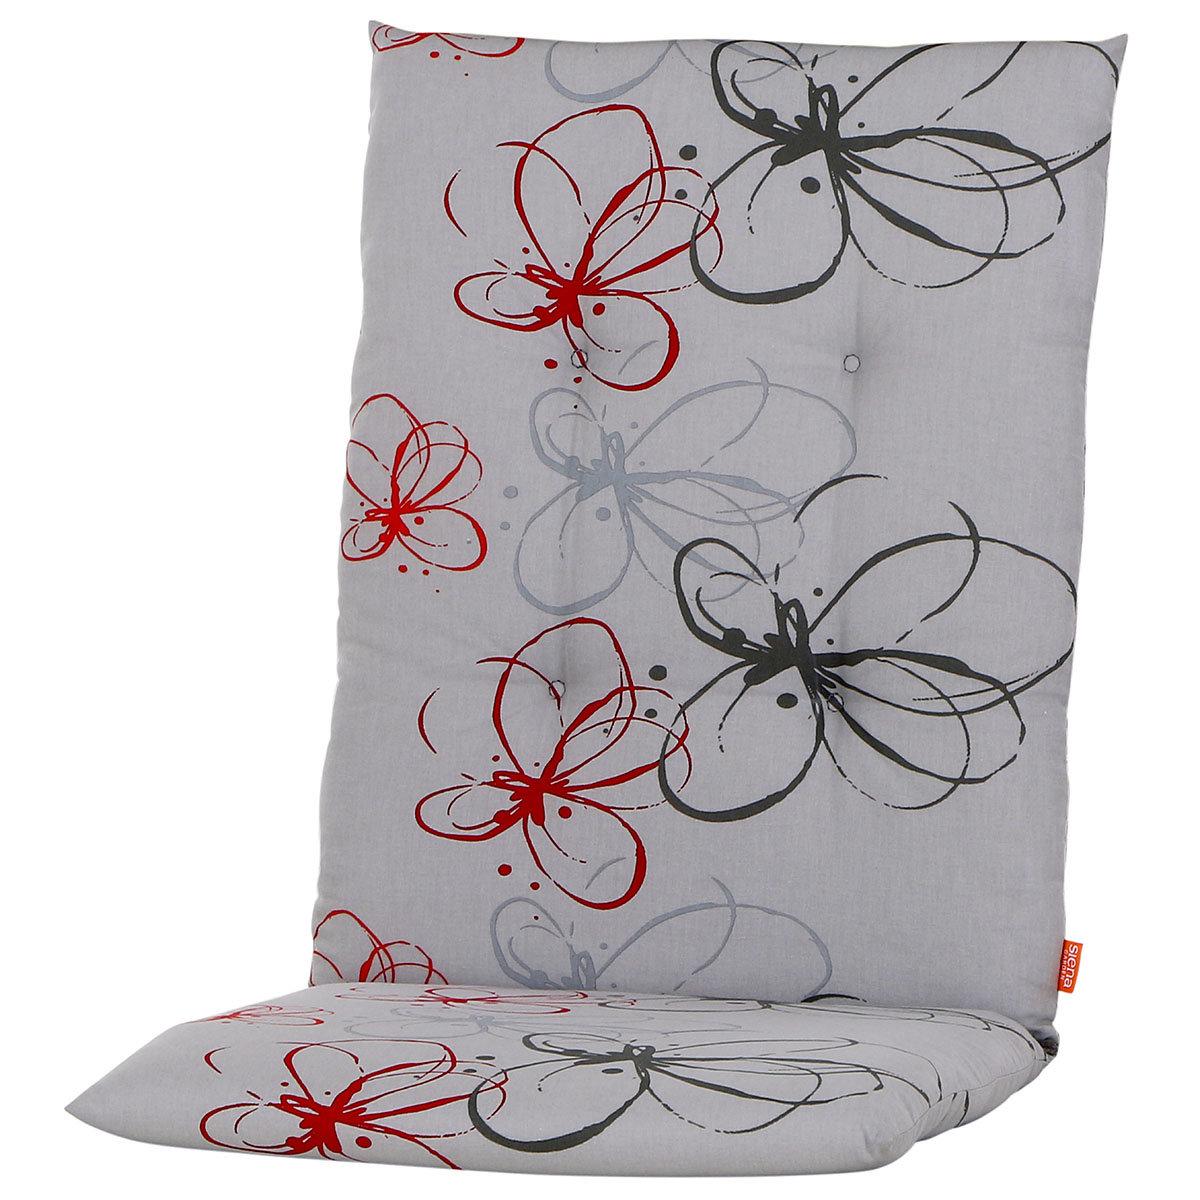 Gartenstuhl-Auflage Mika, rote Blume